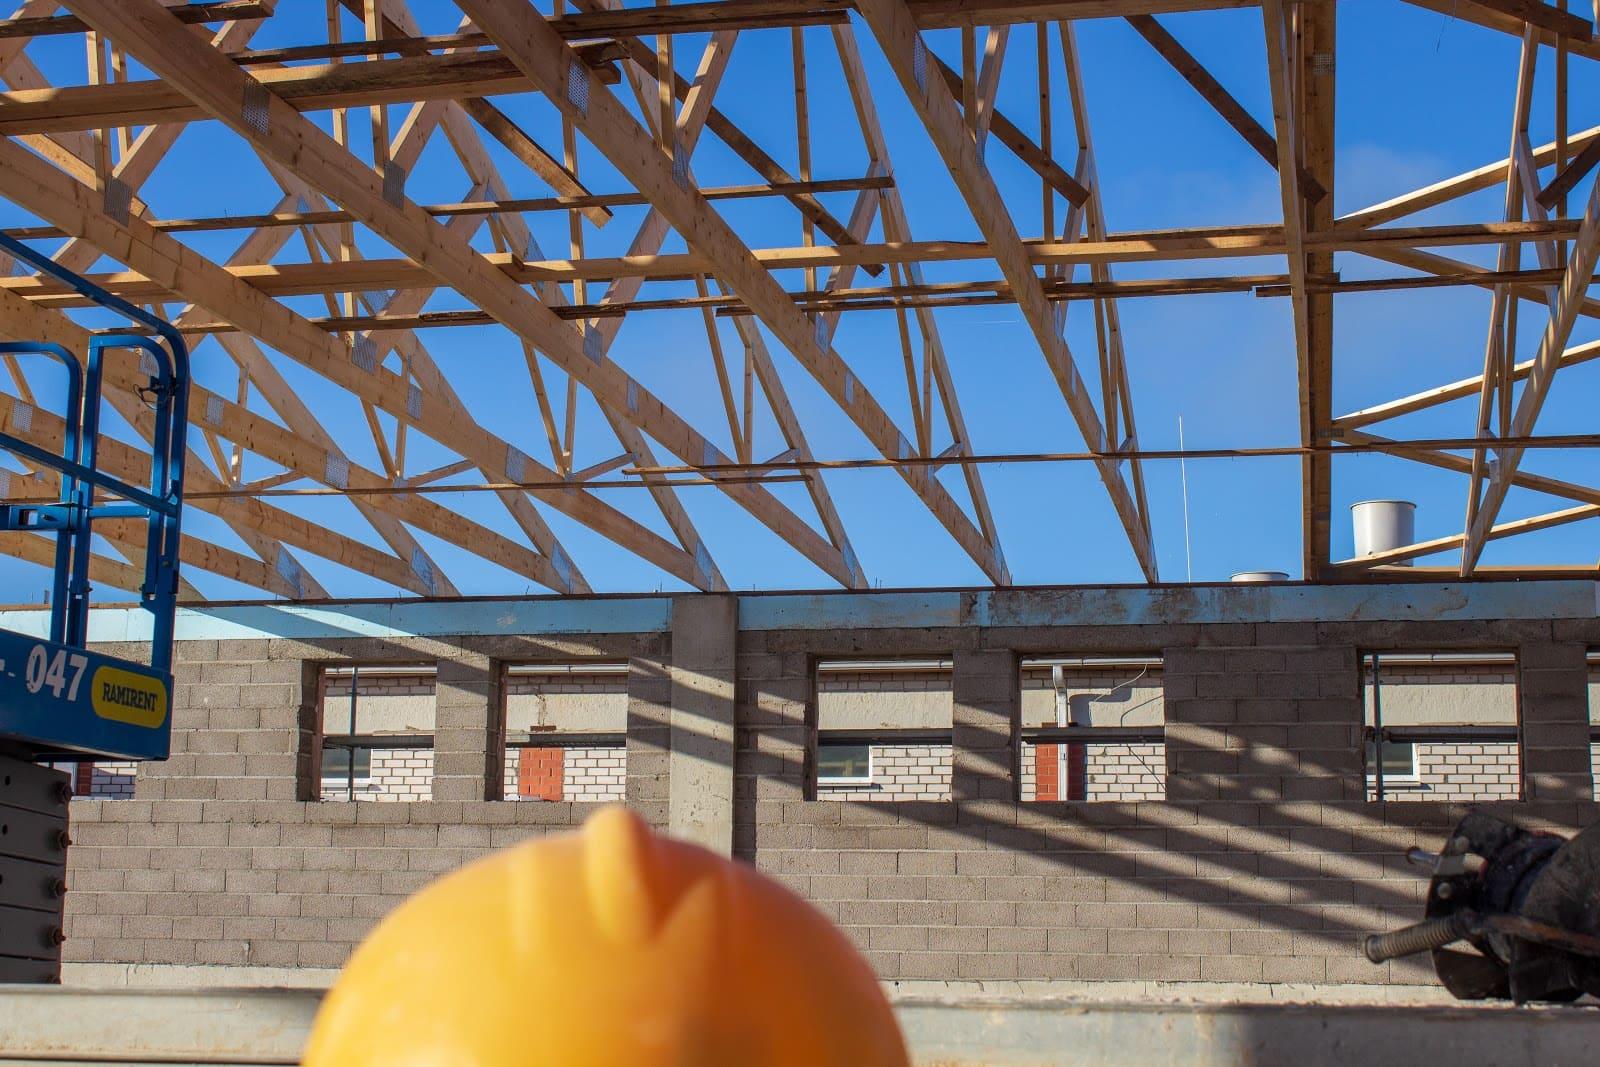 koka kopņu tehniskās zināšanas jumta konstrukcijai cūku fermai